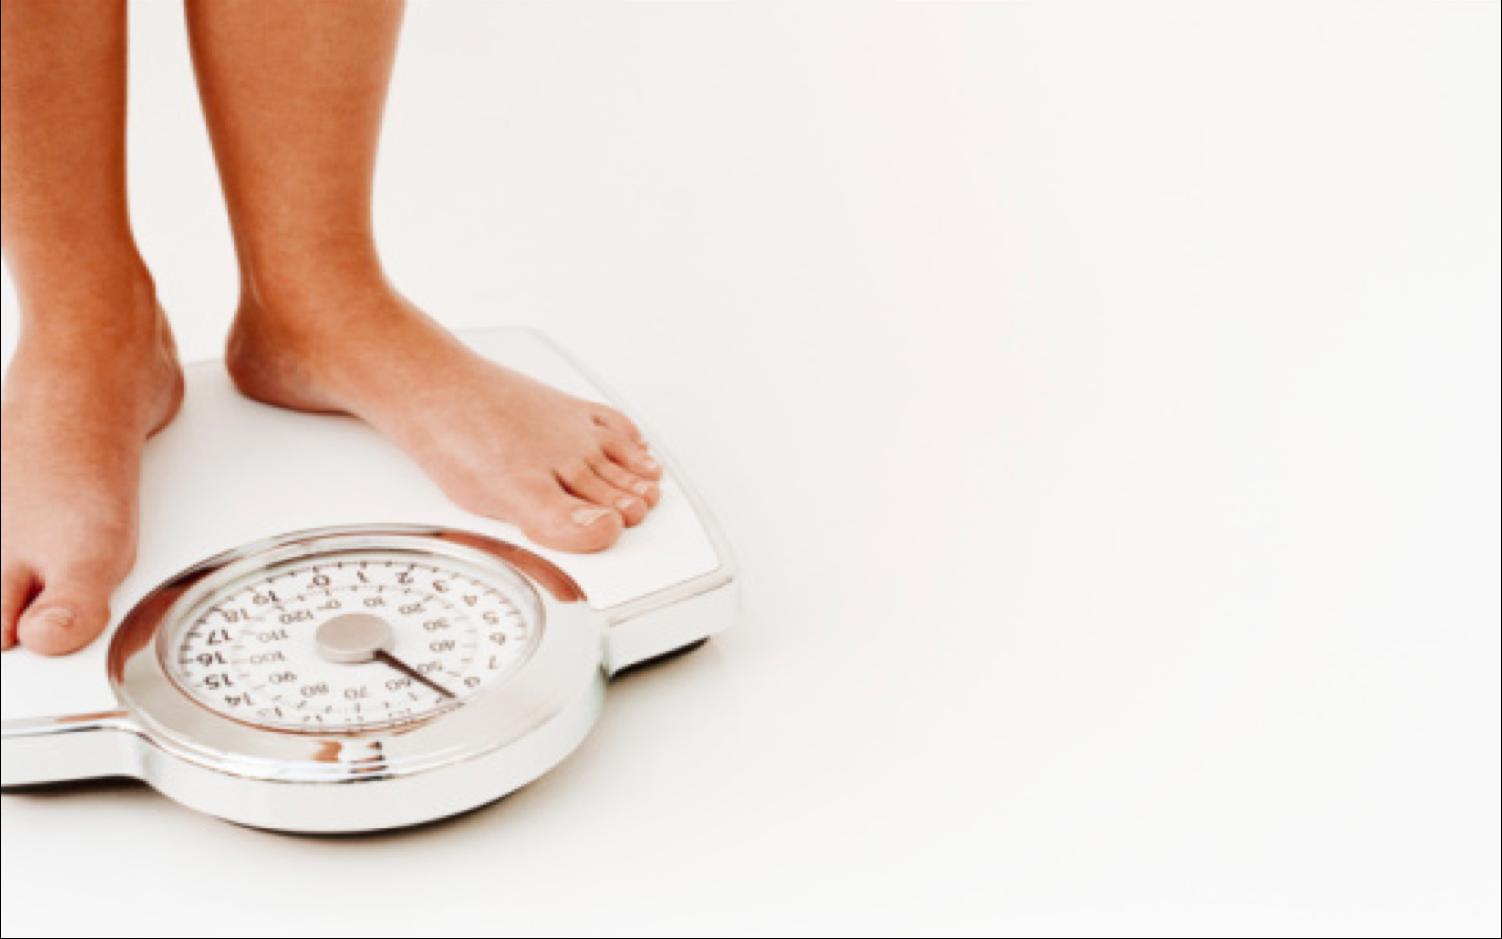 Si si por día quemar 300 calorías se puede adelgazar